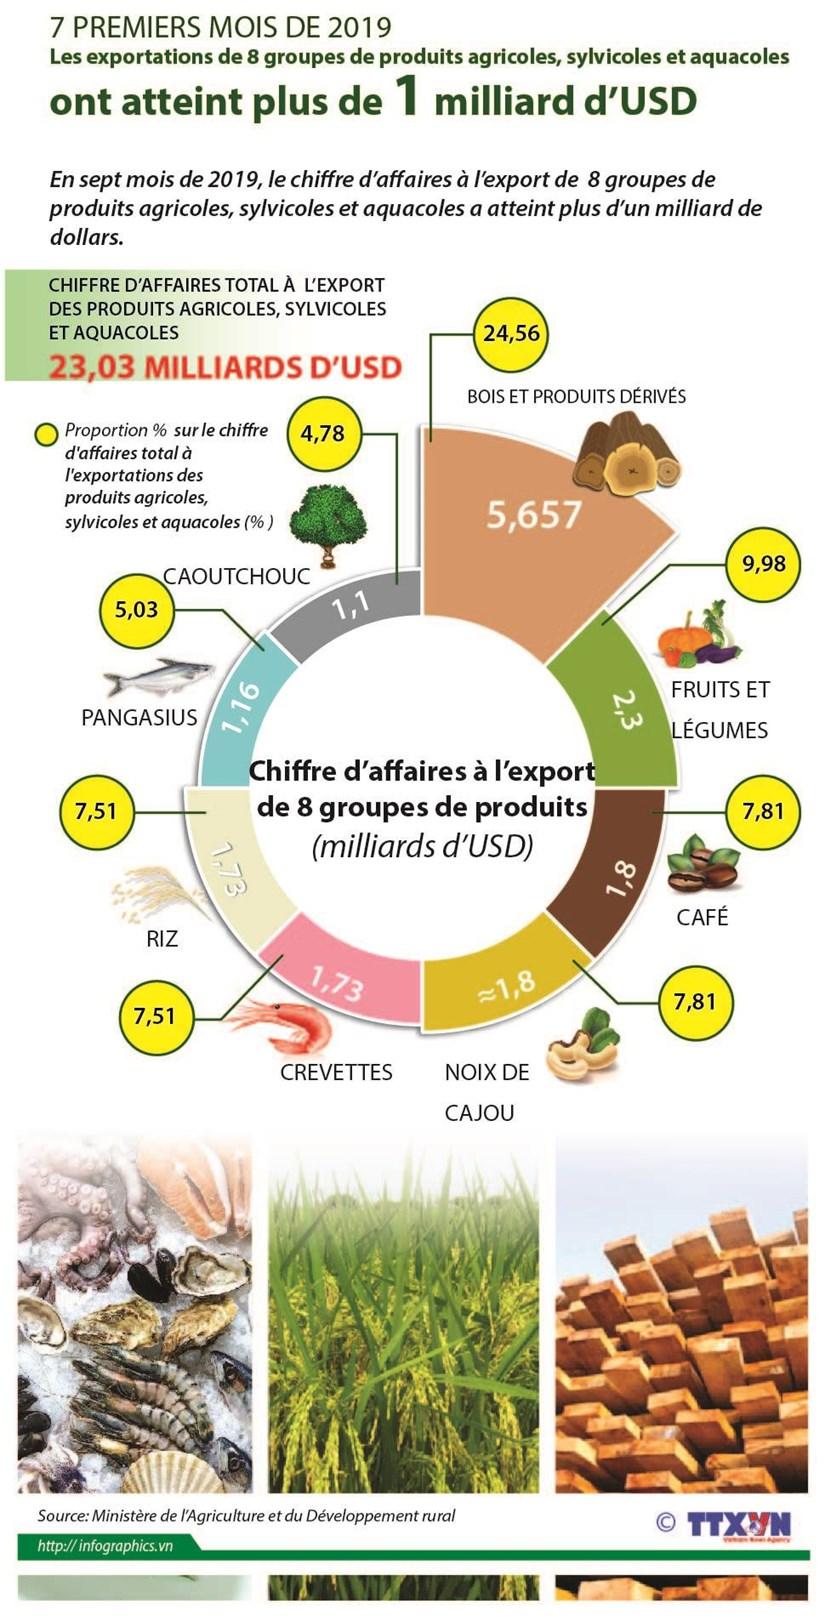 Les exports de 8 groupes de produits agricoles, sylvicoles et aquacoles: plus d'un milliard d'USD hinh anh 1